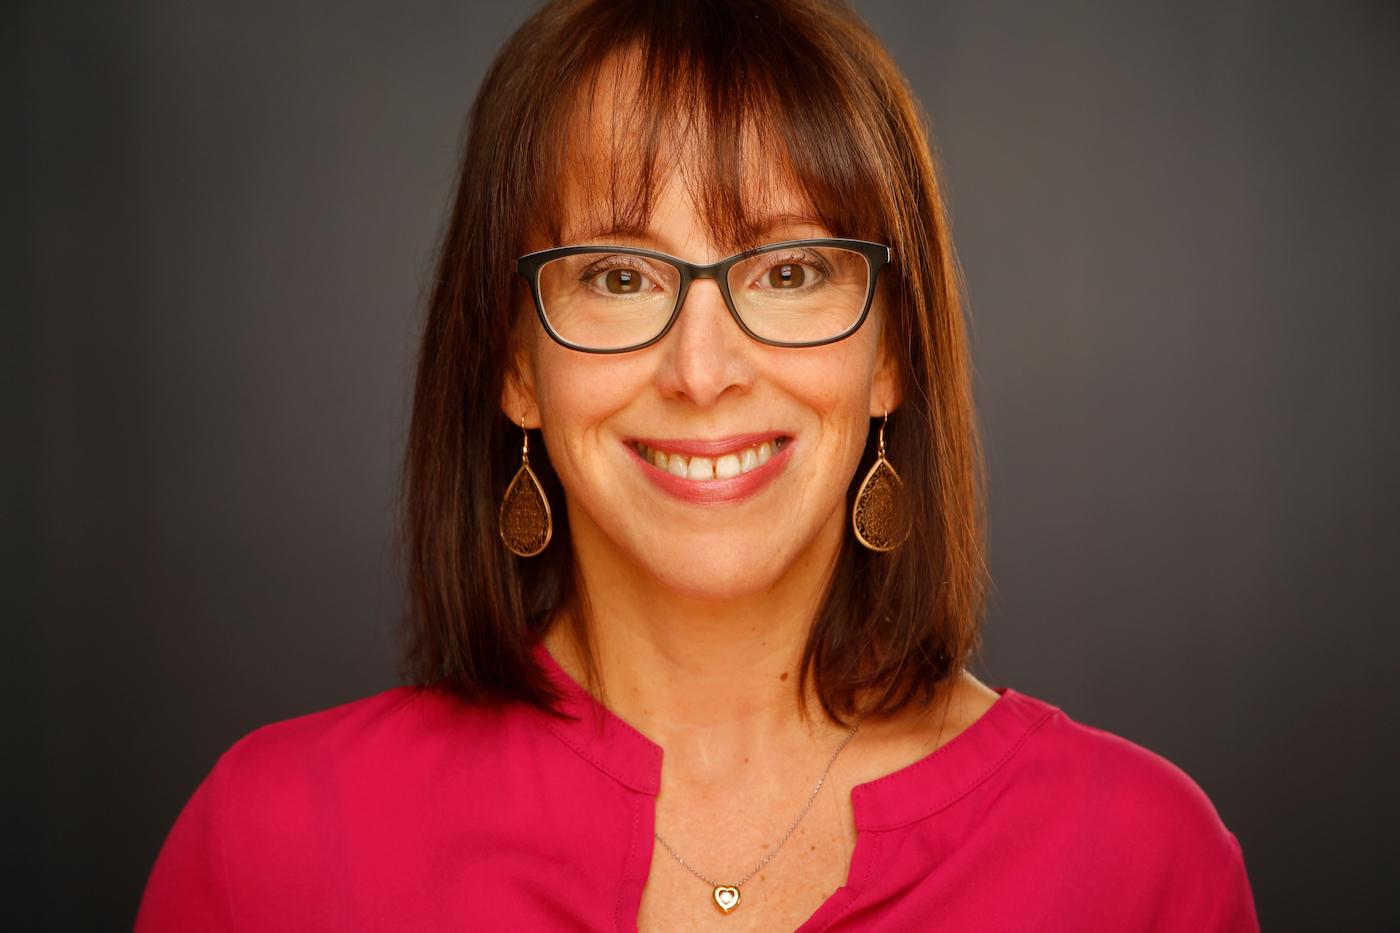 Bianca Prommer ist Autorin, keynote Speaker und Agile Coach